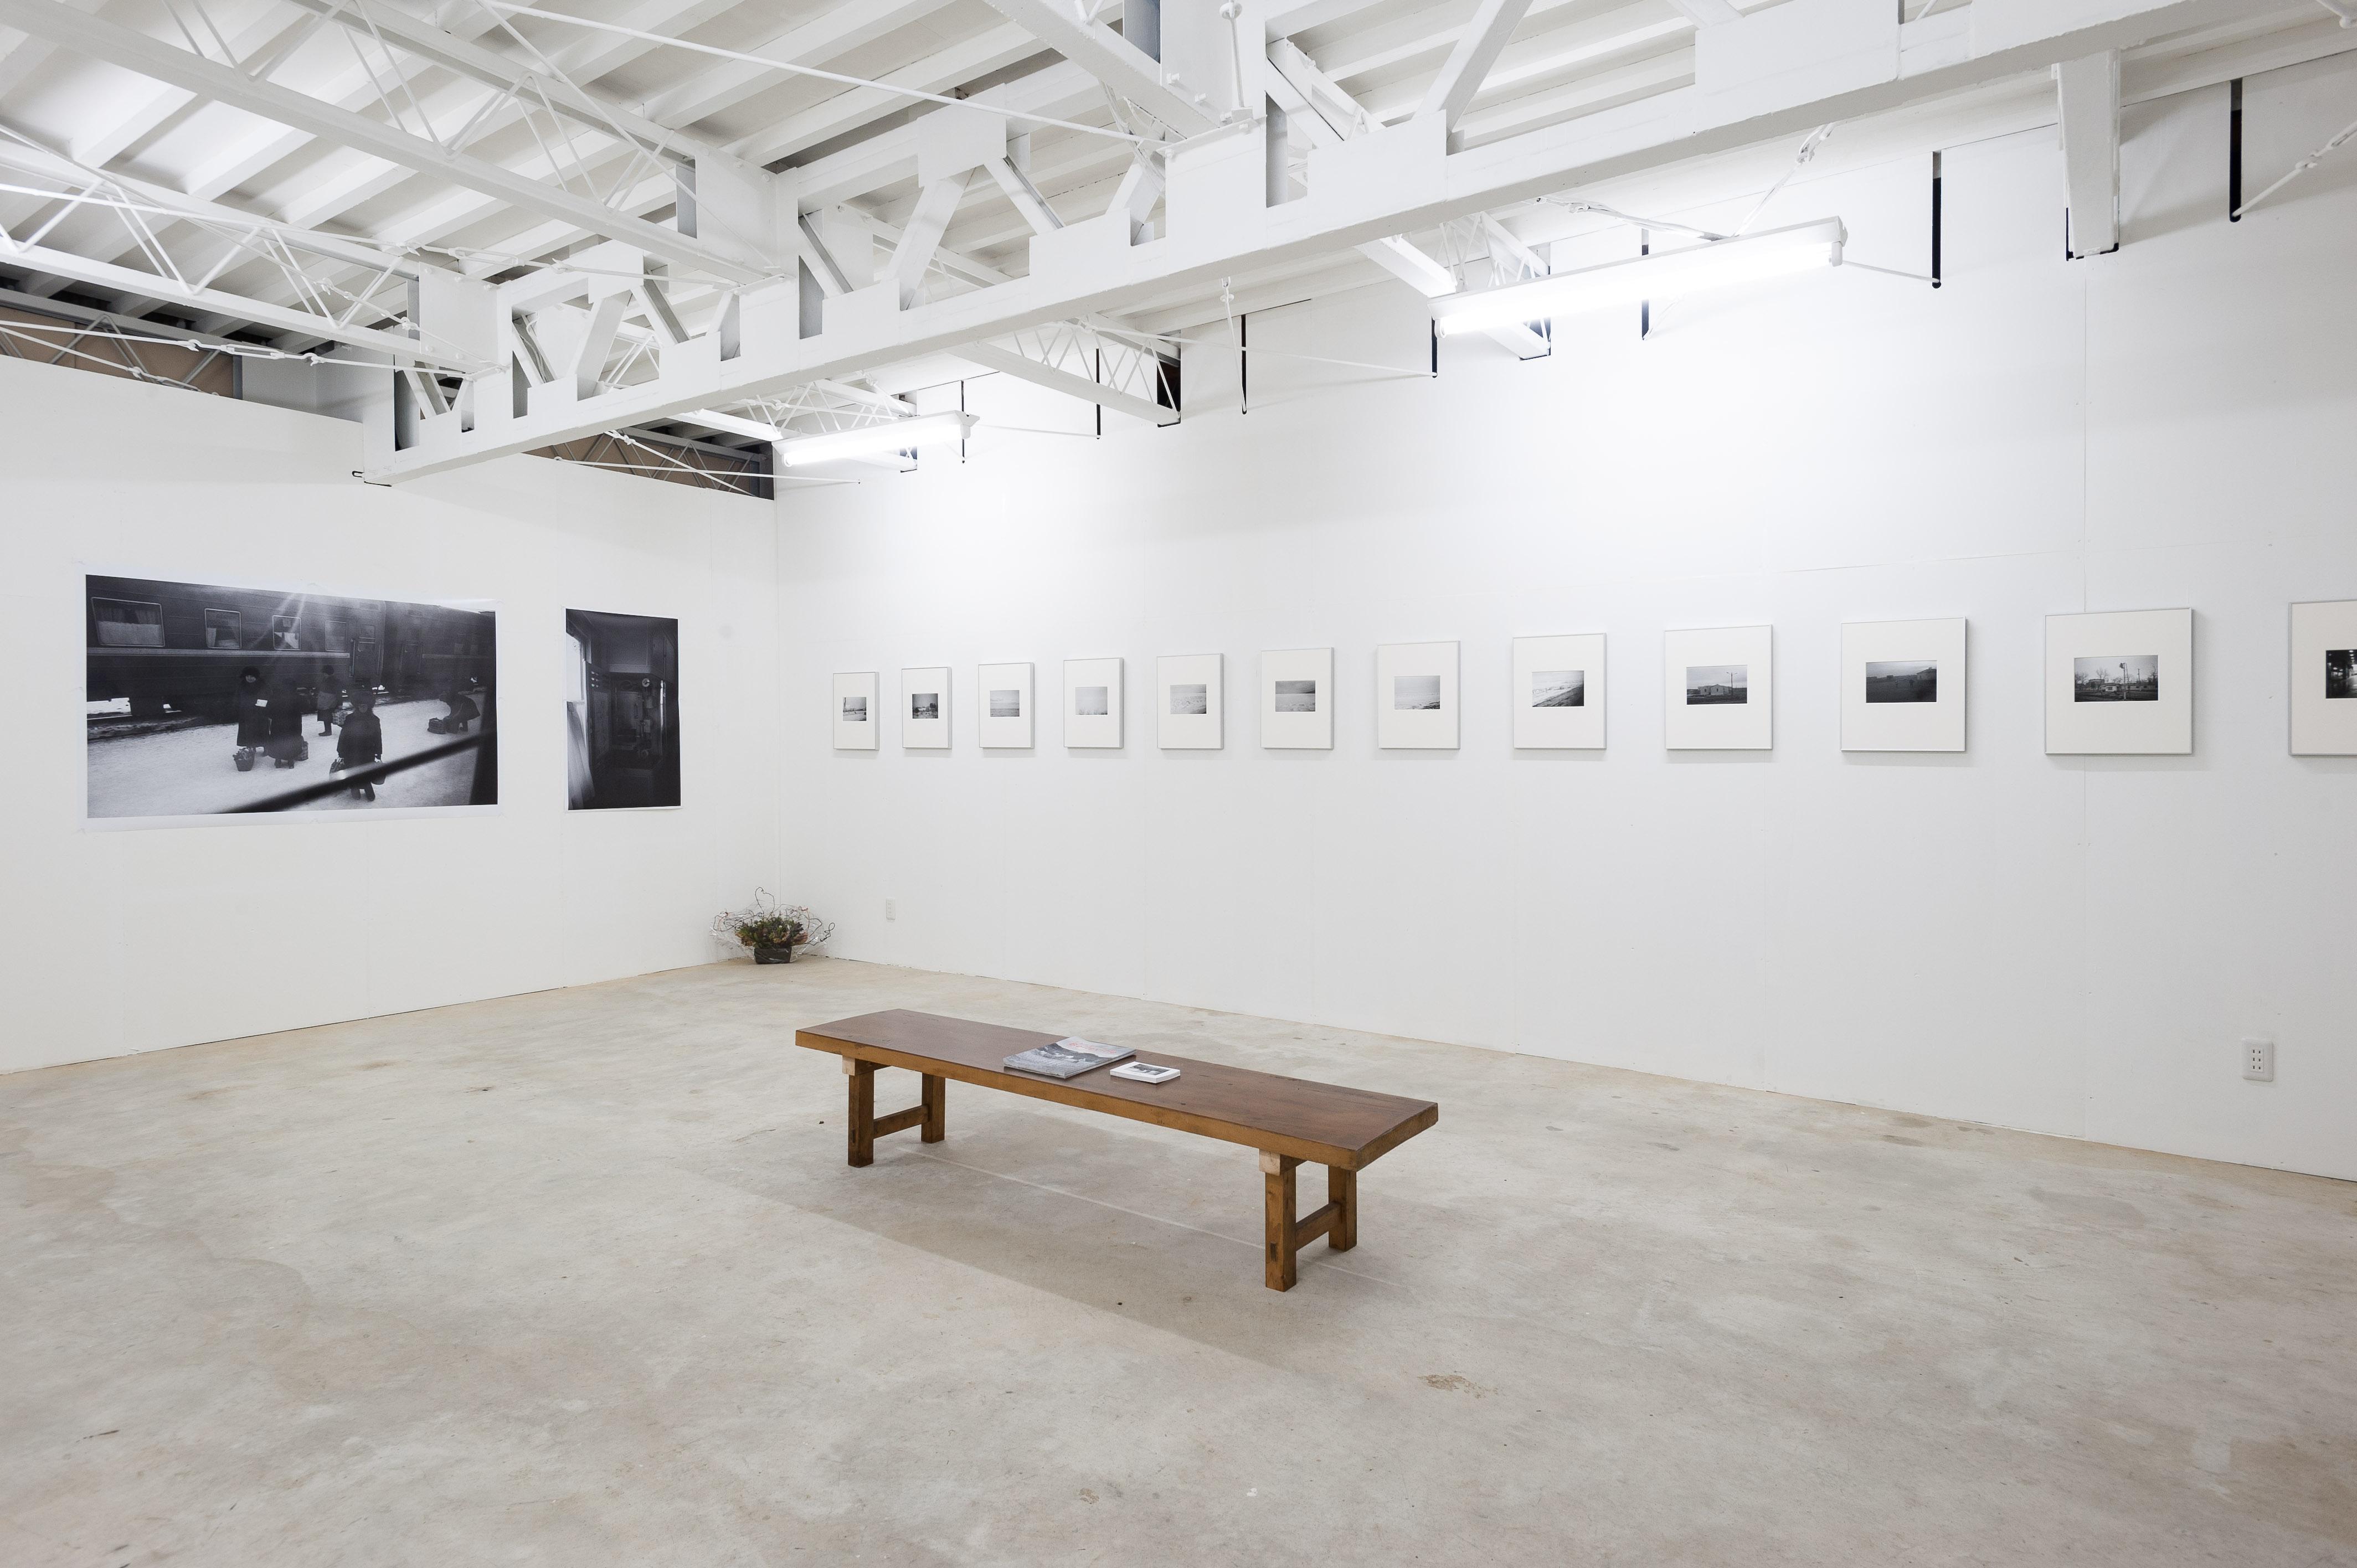 indoor view of gallery0369